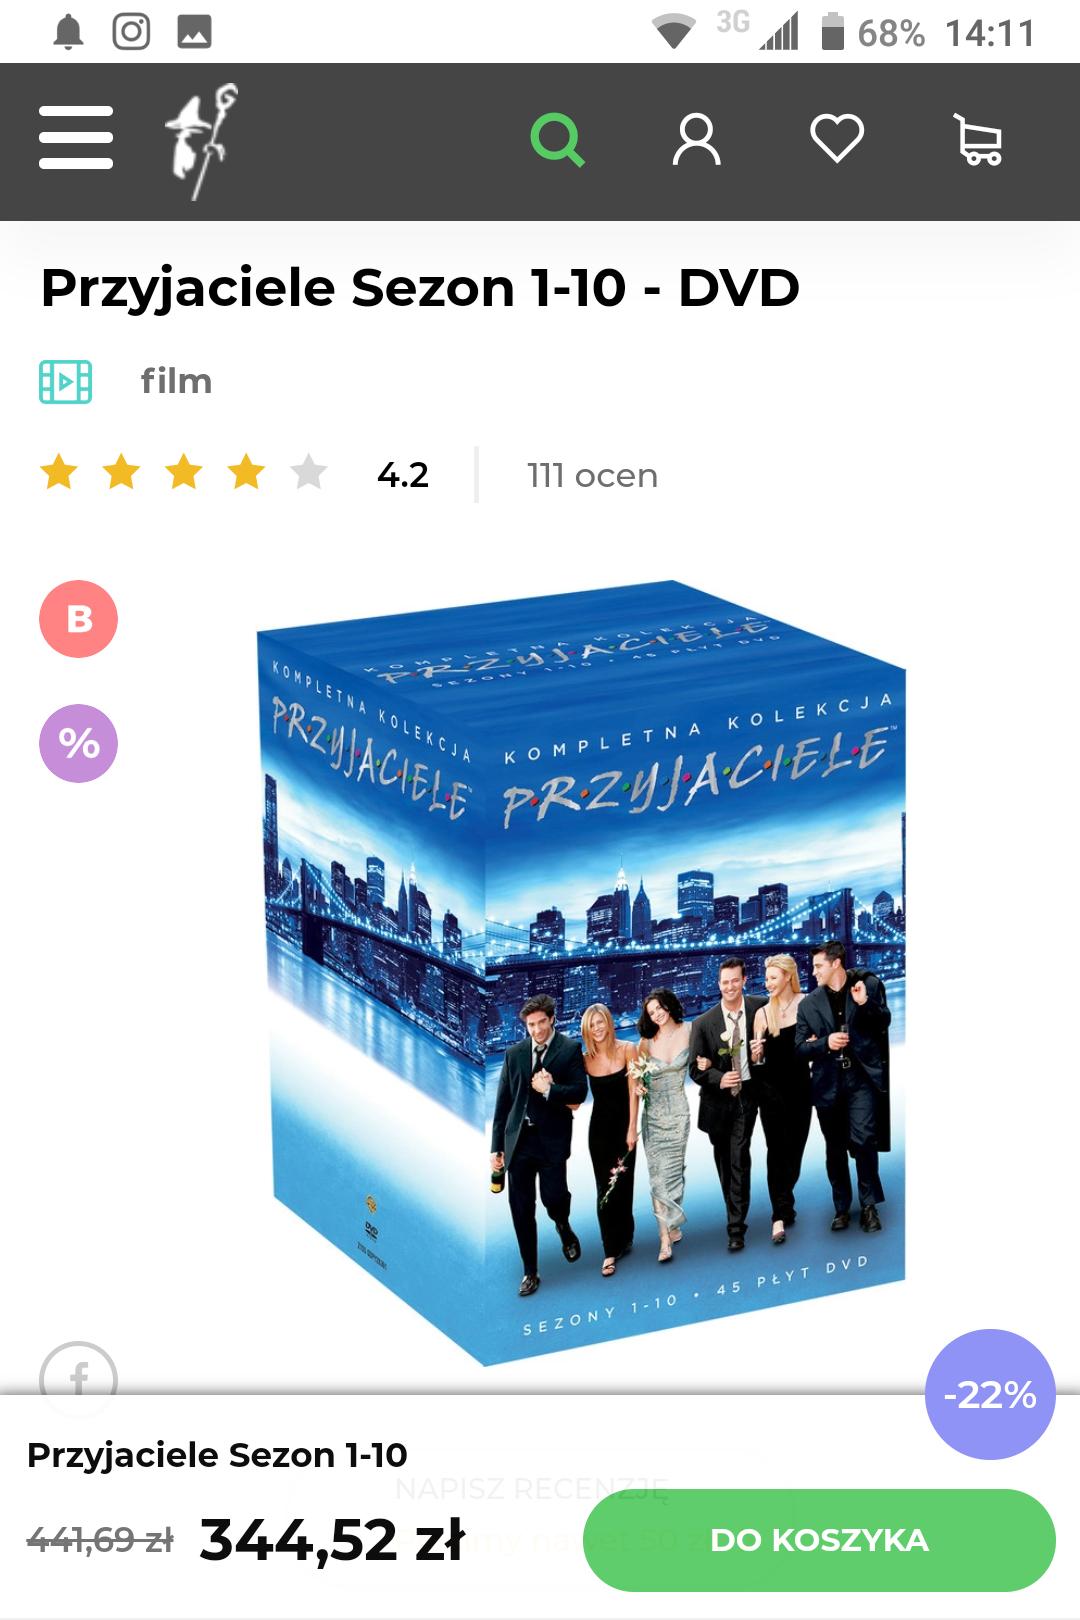 Przyjaciele w PL Kompletna Kolekcja sezony 1-10 na DVD